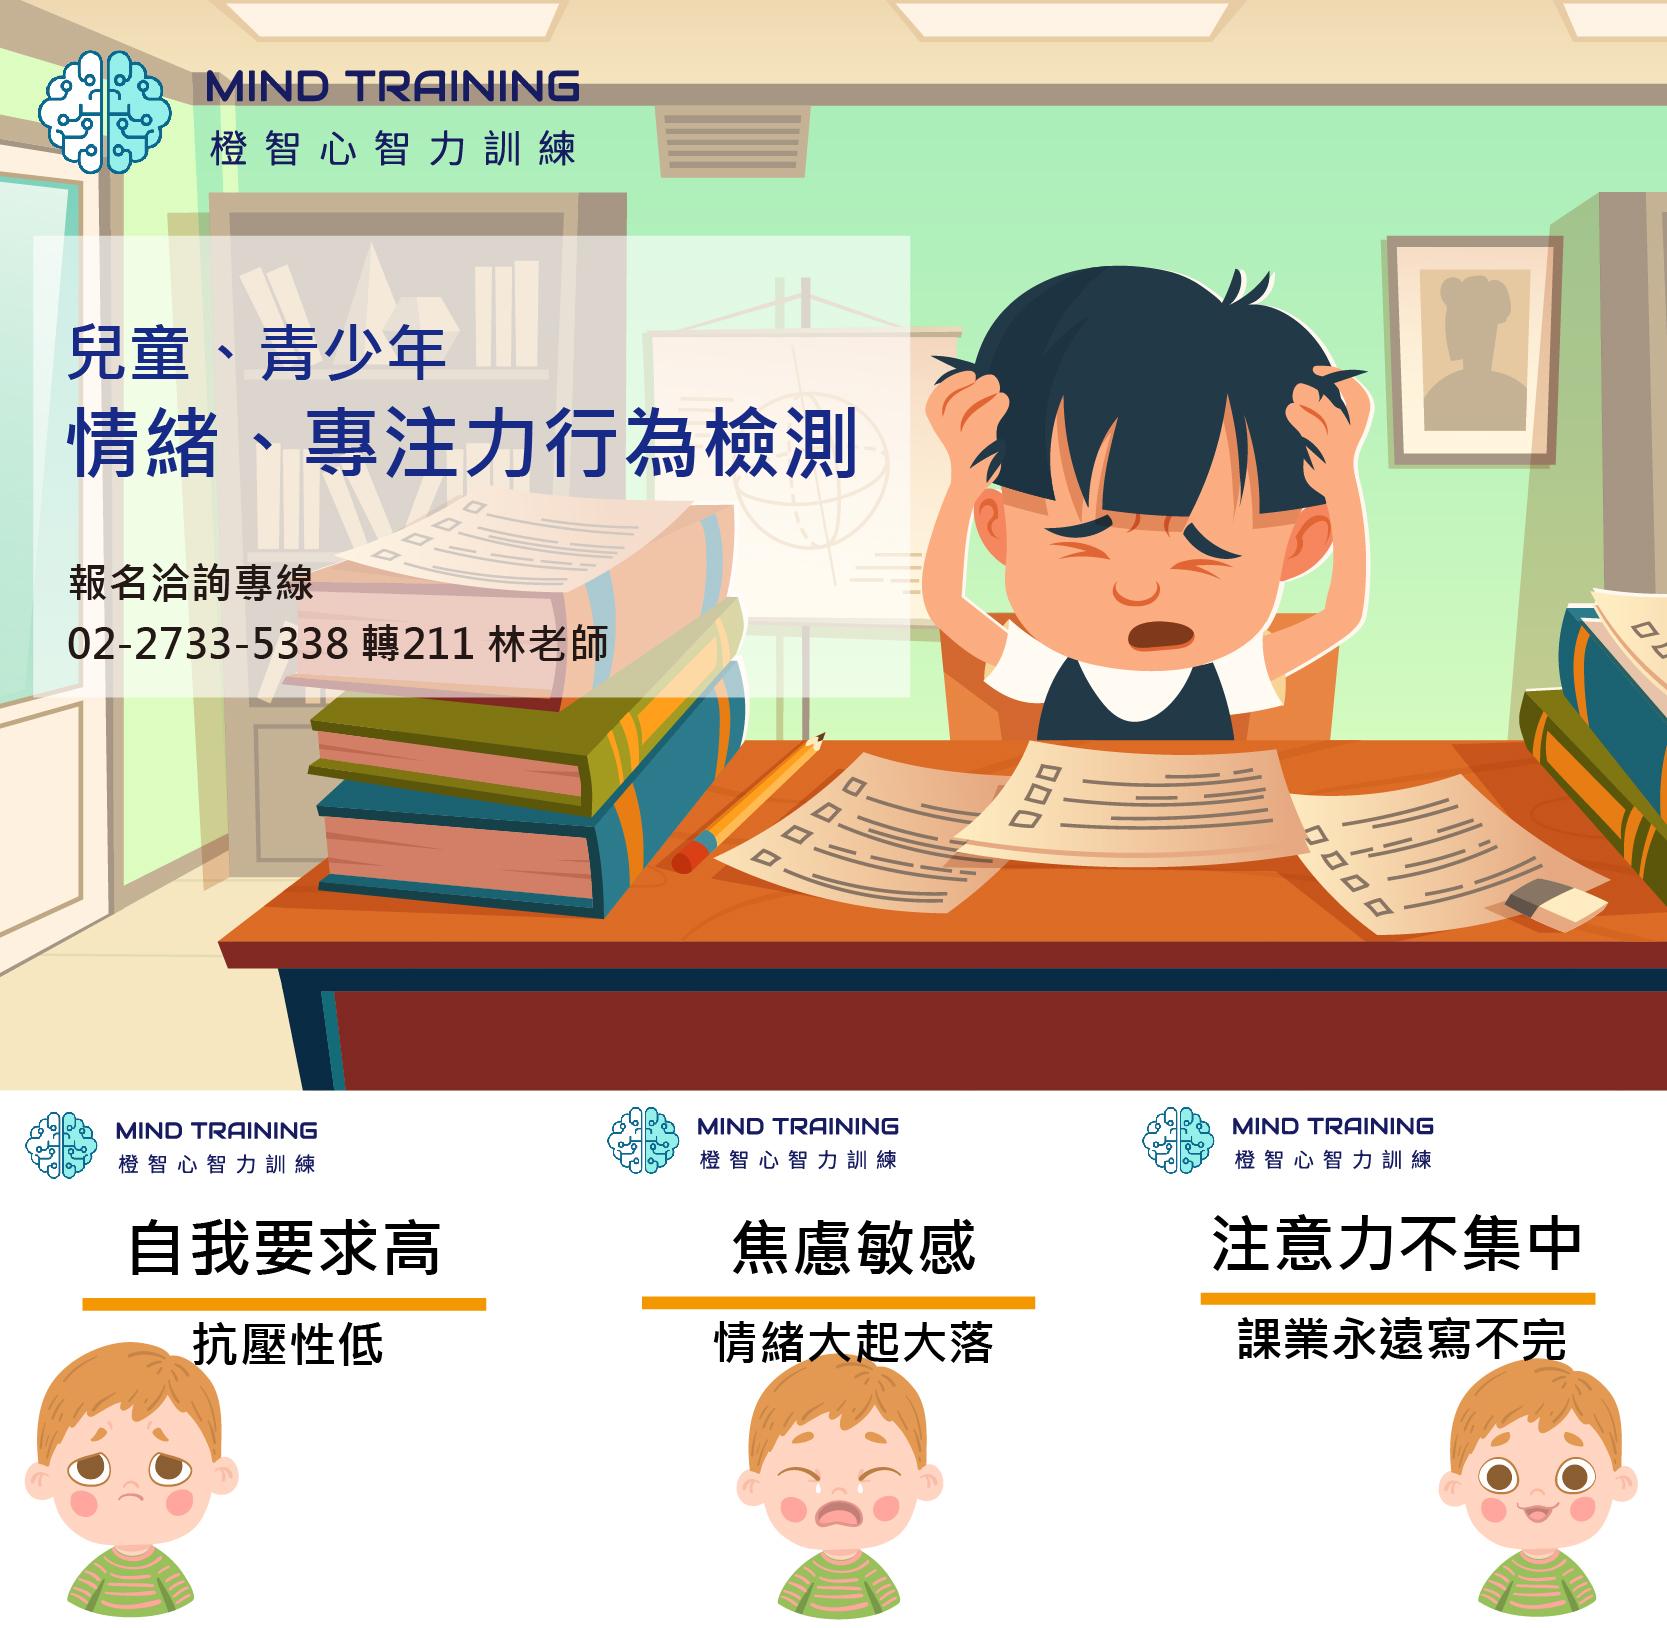 【台北場】兒童/青少年情緒、專注力行為檢測